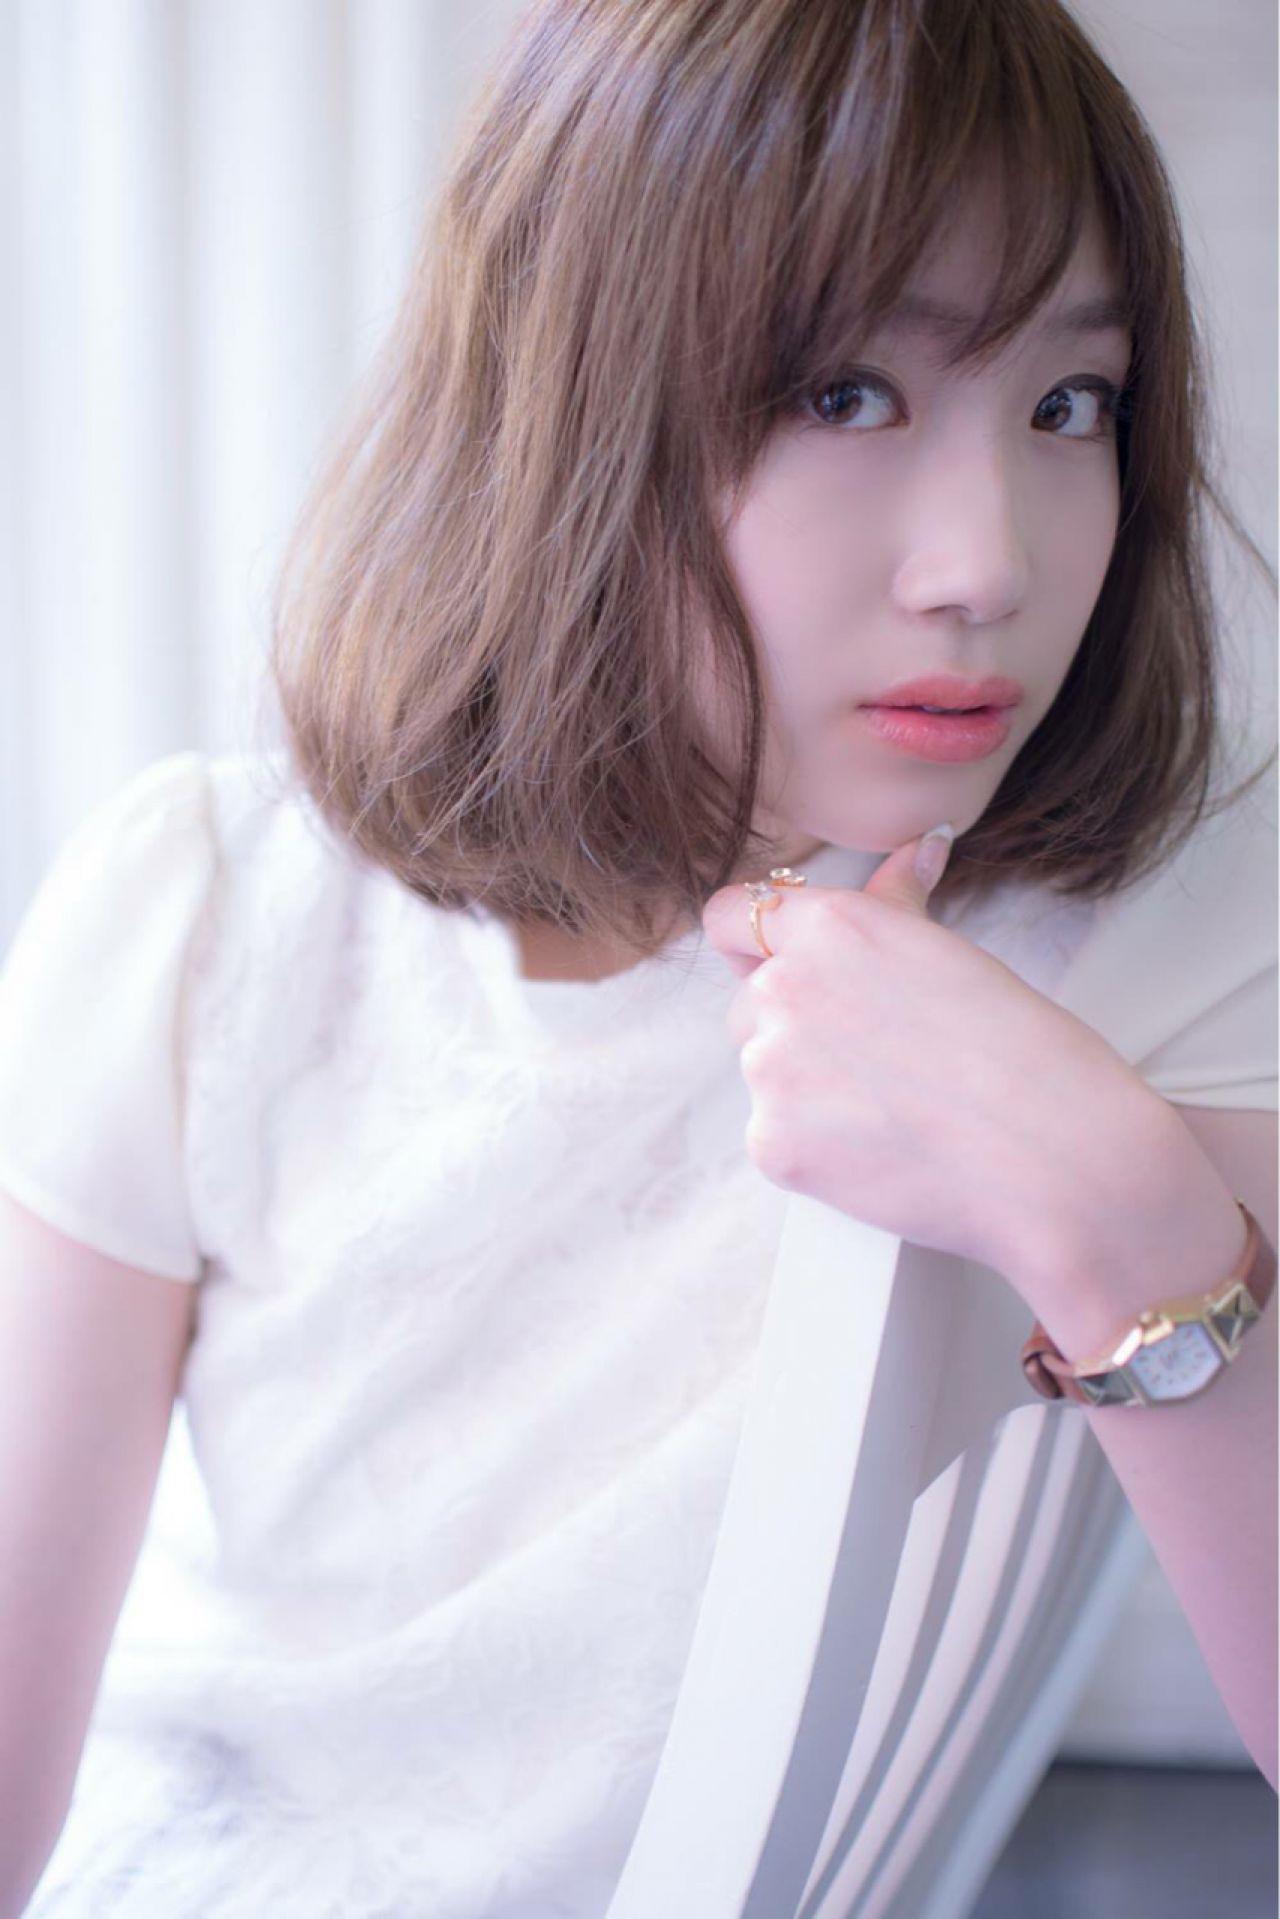 透明感を作り出す!イノセントカラーの力☆ 田渕 英和 / vicushair